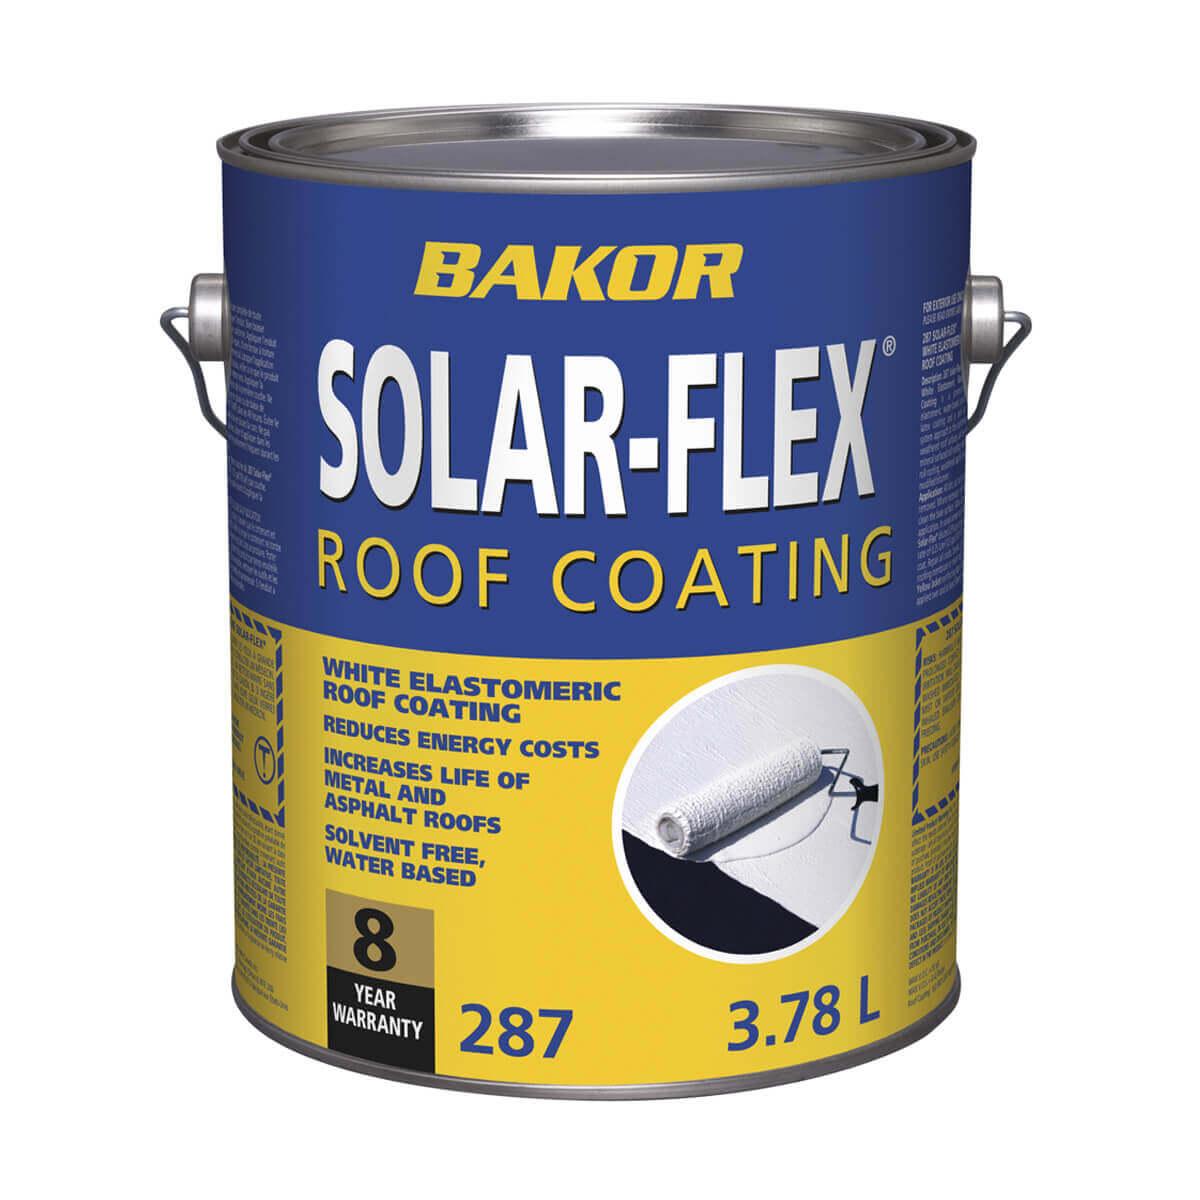 Bakor Solar-Flex Roof Coating 3.78 L